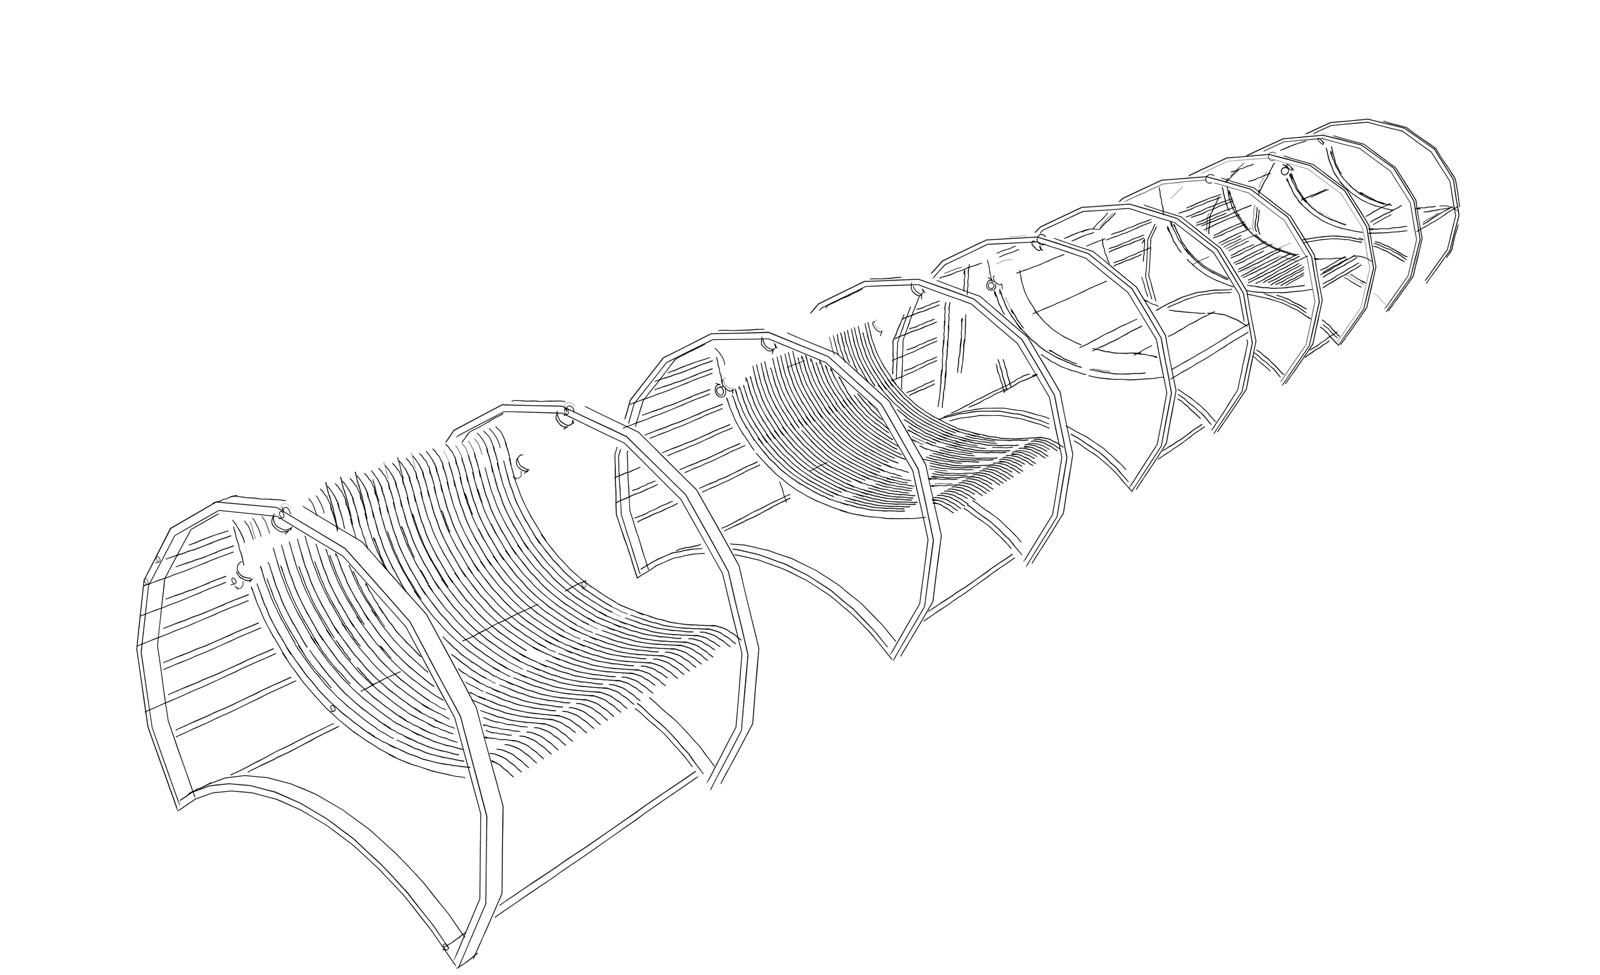 Tenso Chair - Progetto di sedia con molle di contrasto